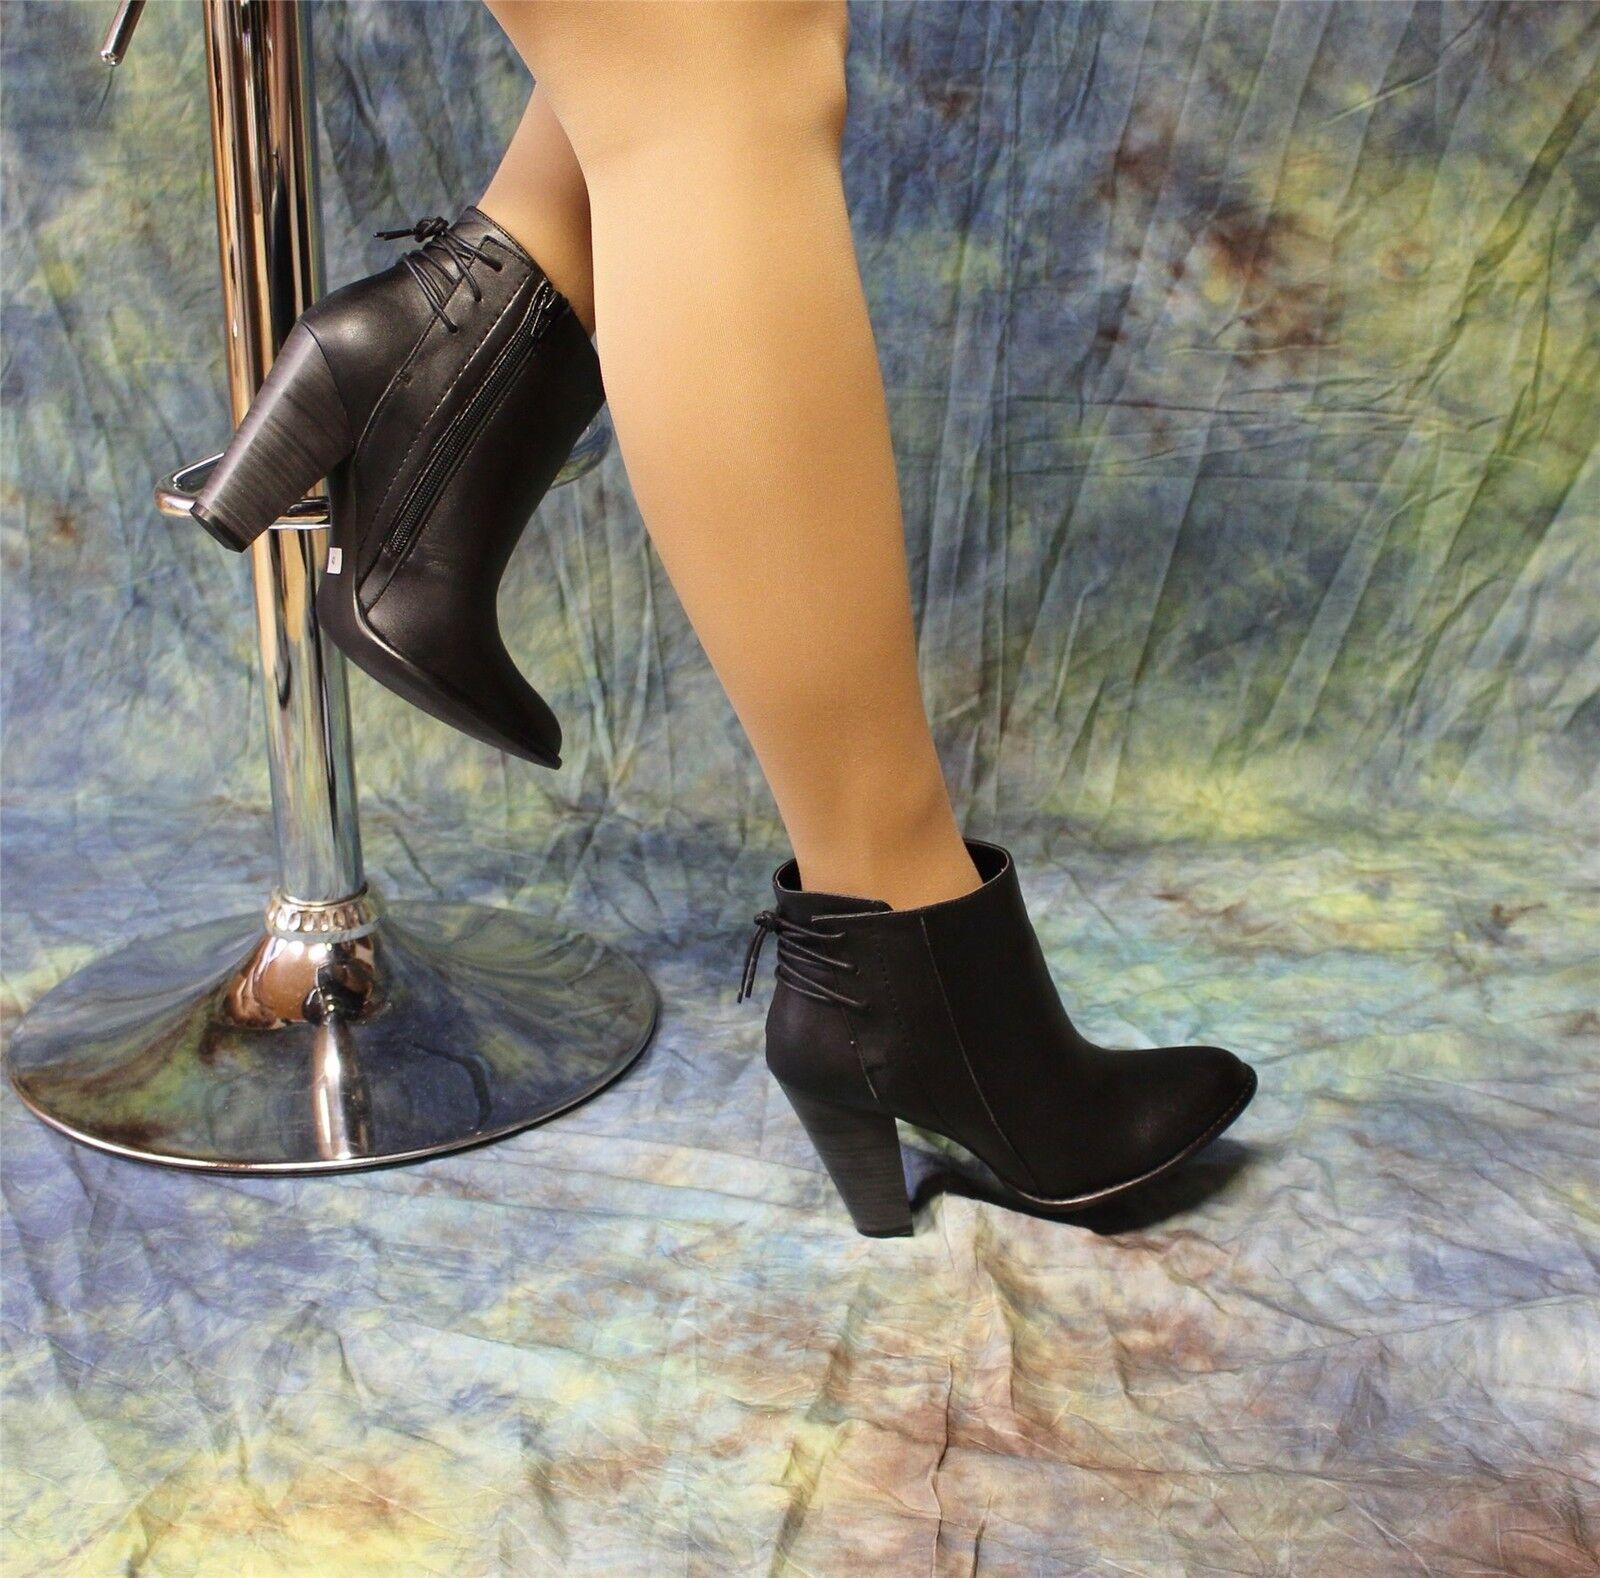 ANDREA- Stiefeletten aus Echtleder black mit Schnürung hinten